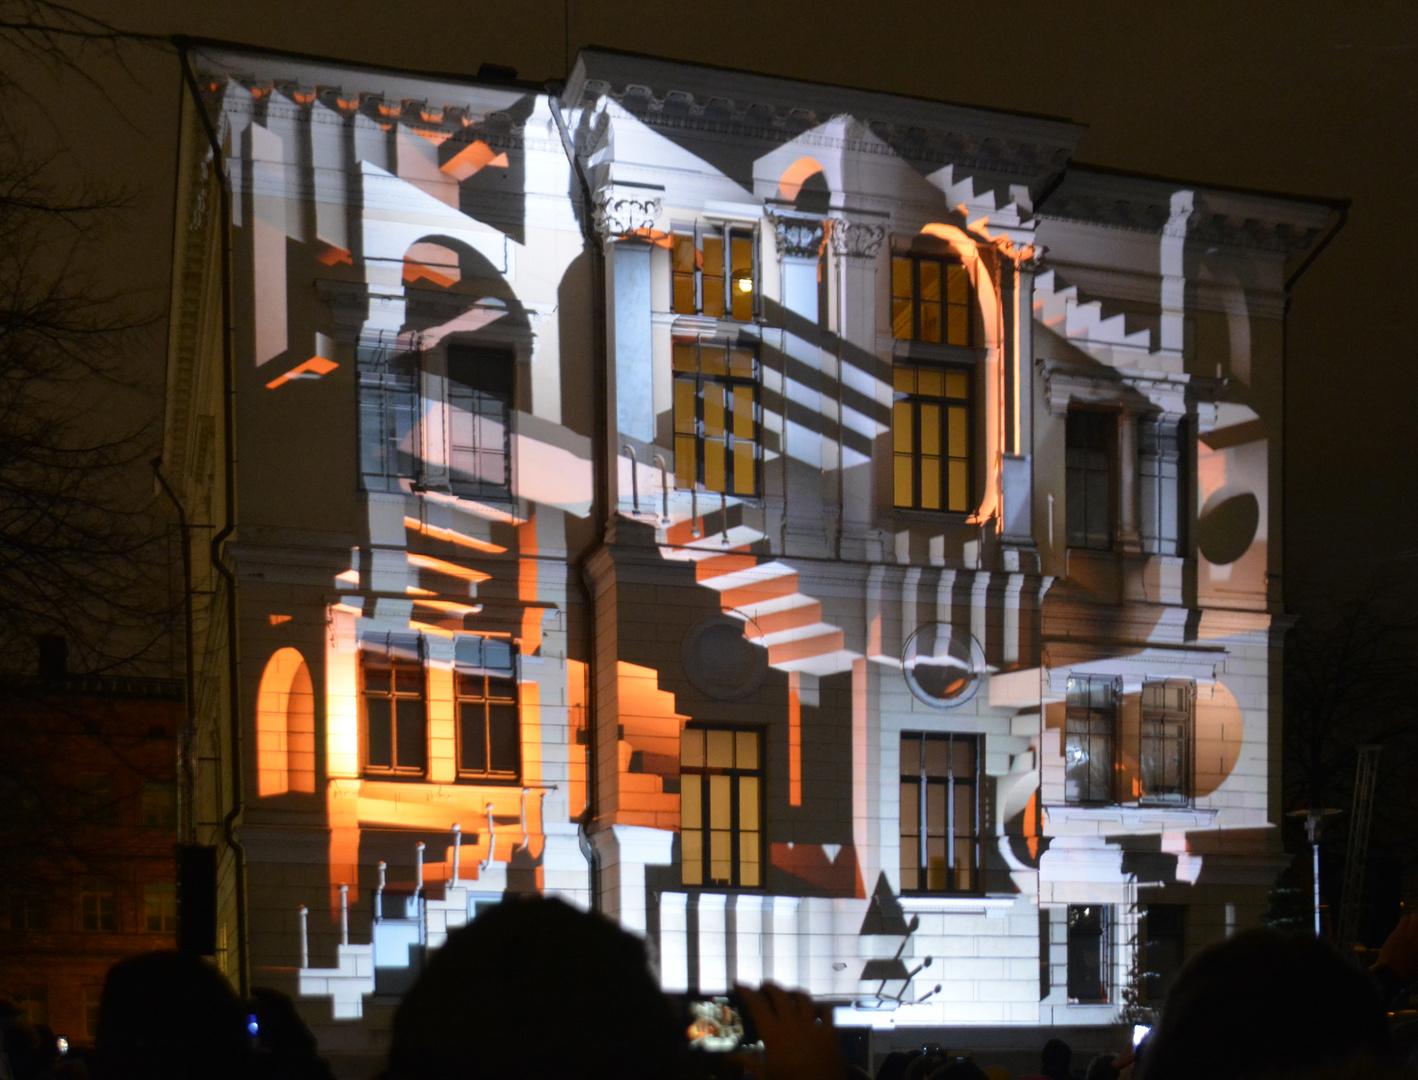 Lux Helsinki 2018, Design museum